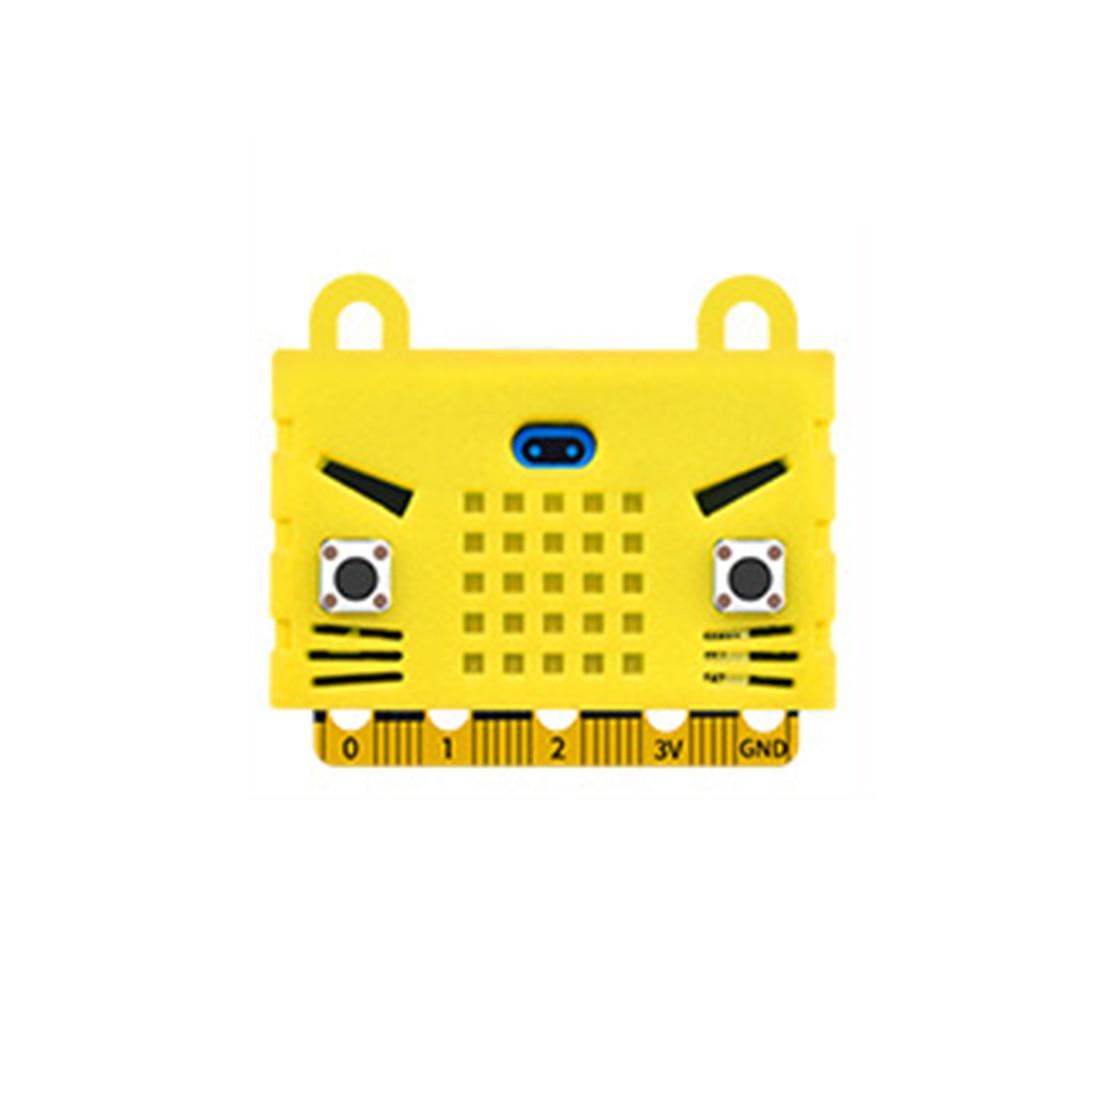 Экологичное уплотнение/тигр/в форме кота силиконовый защитный корпус Крышка корпуса для Micro: Плата расширения бита Bue/красный/оранжевый - Цвет: 8